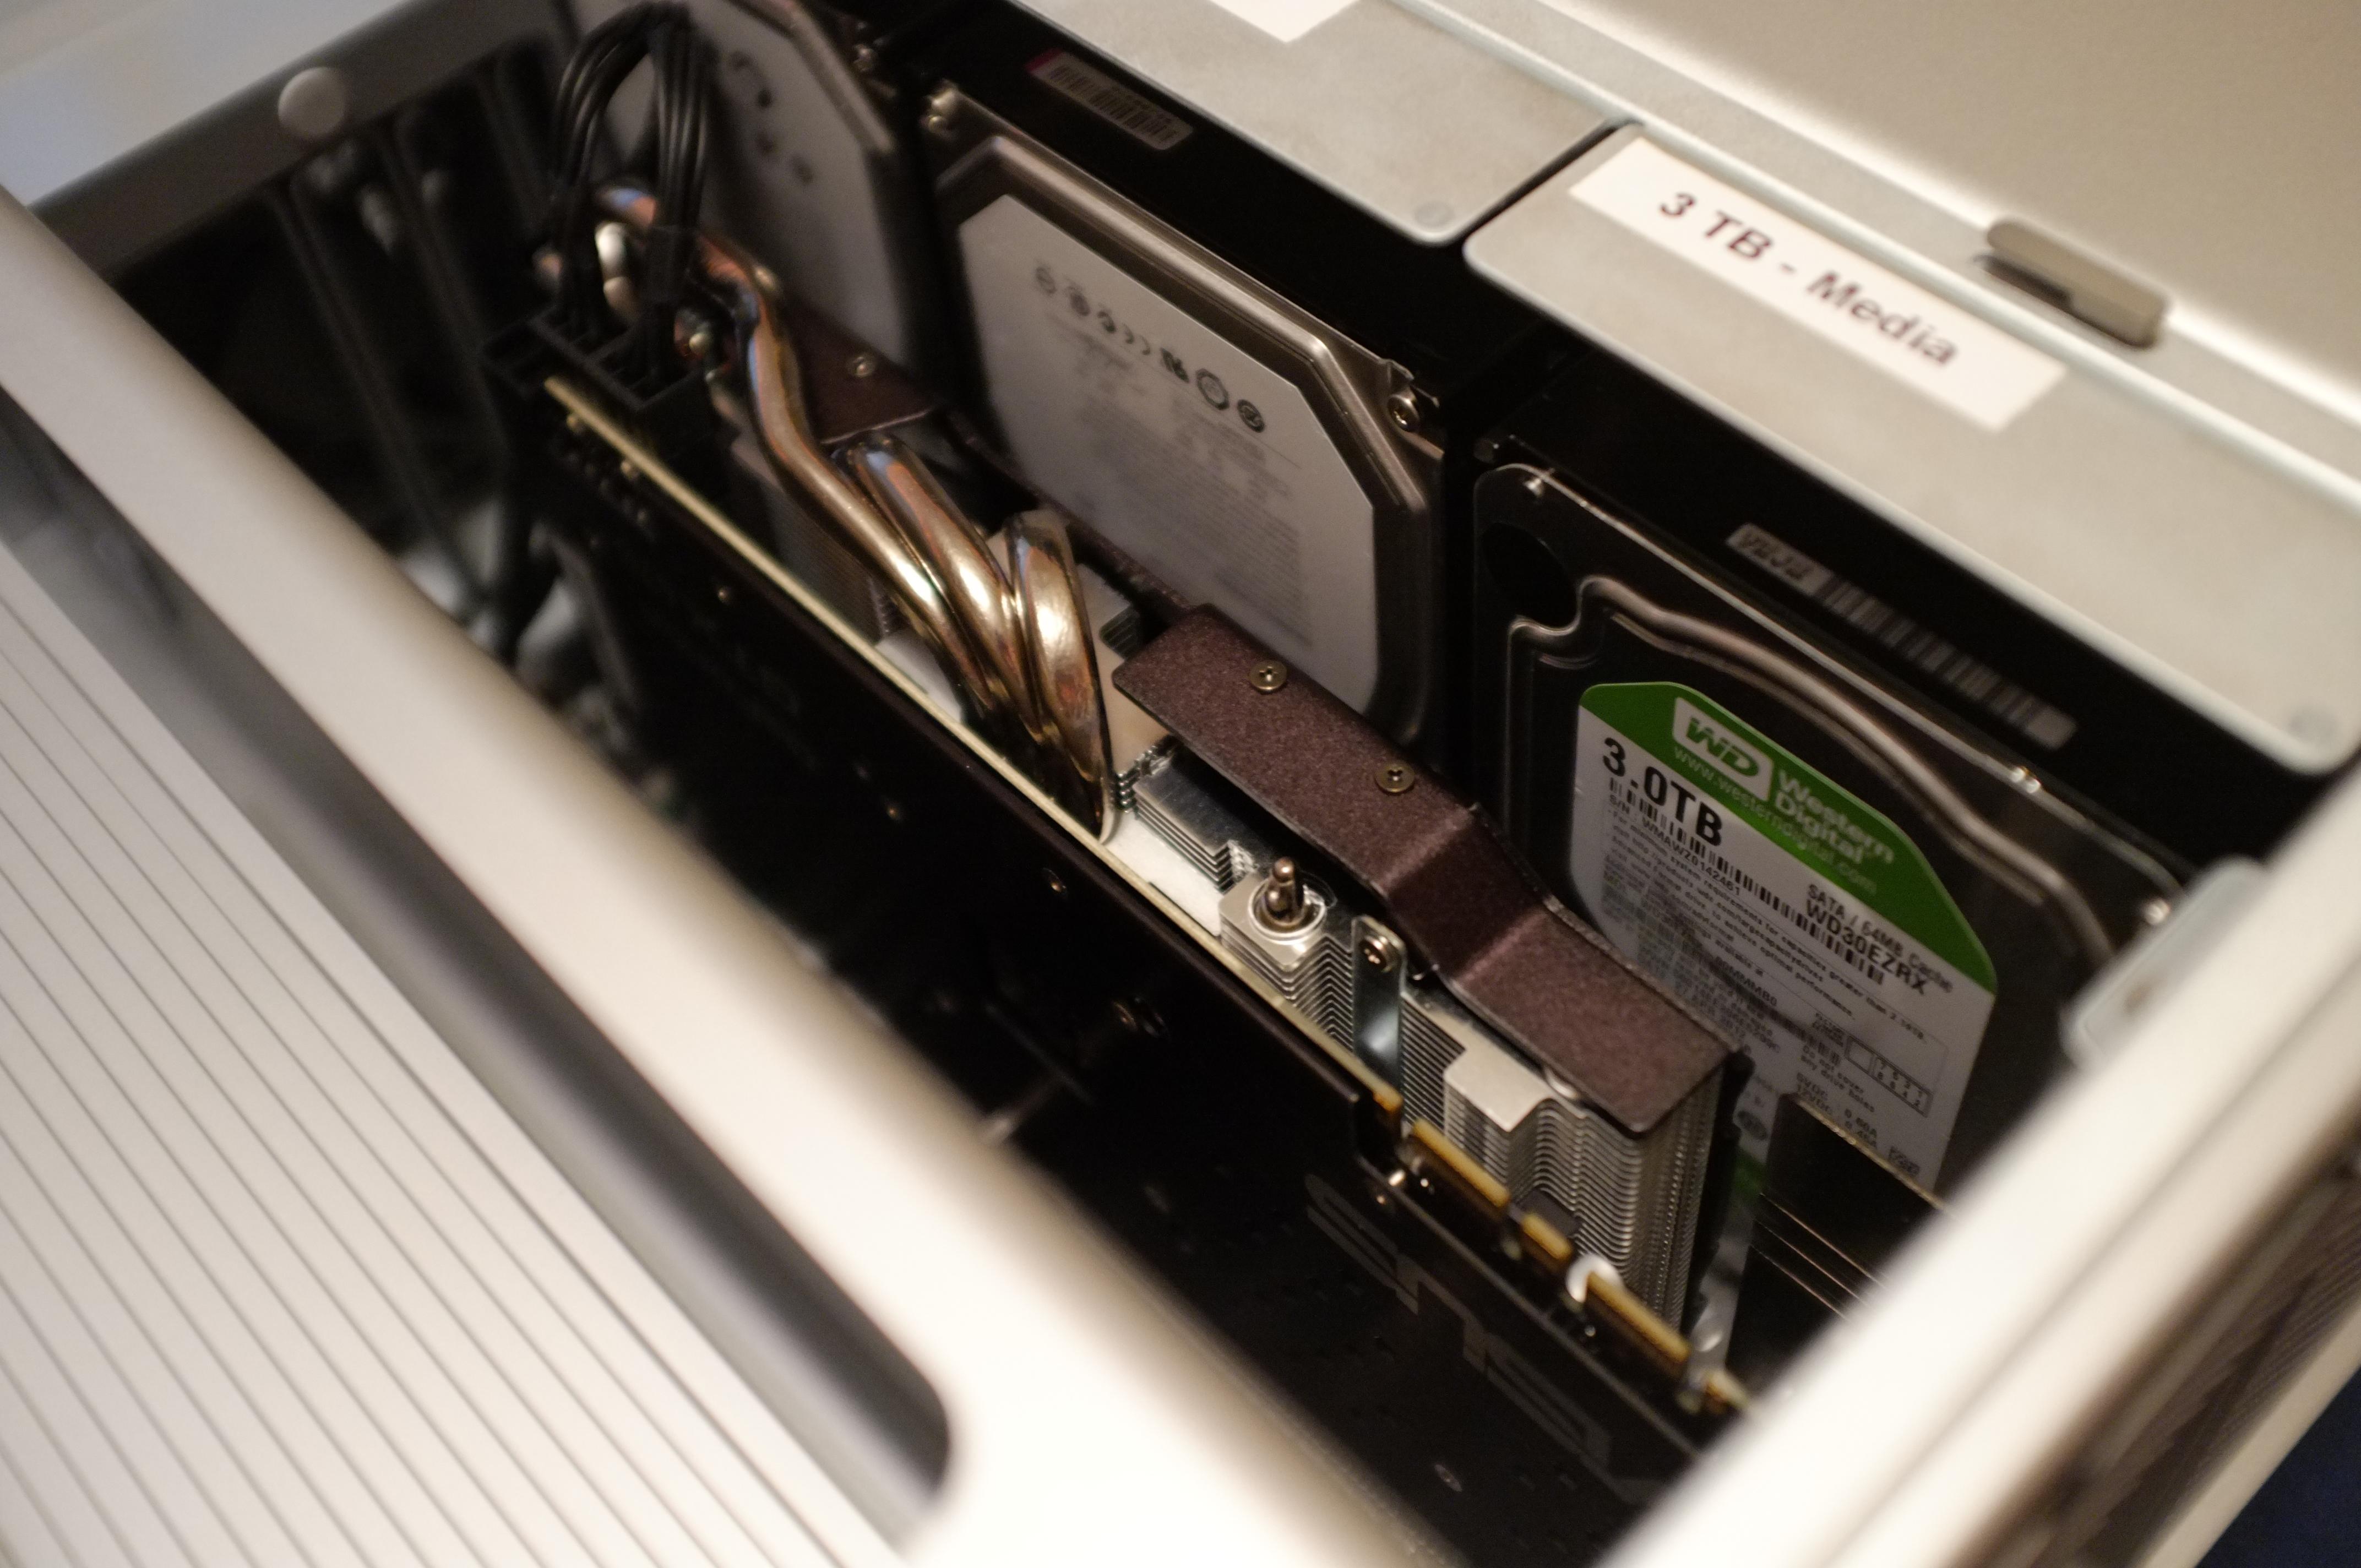 Follow-up: Putting an Nvidia 670 in a Mac Pro – Juniper Monkeys